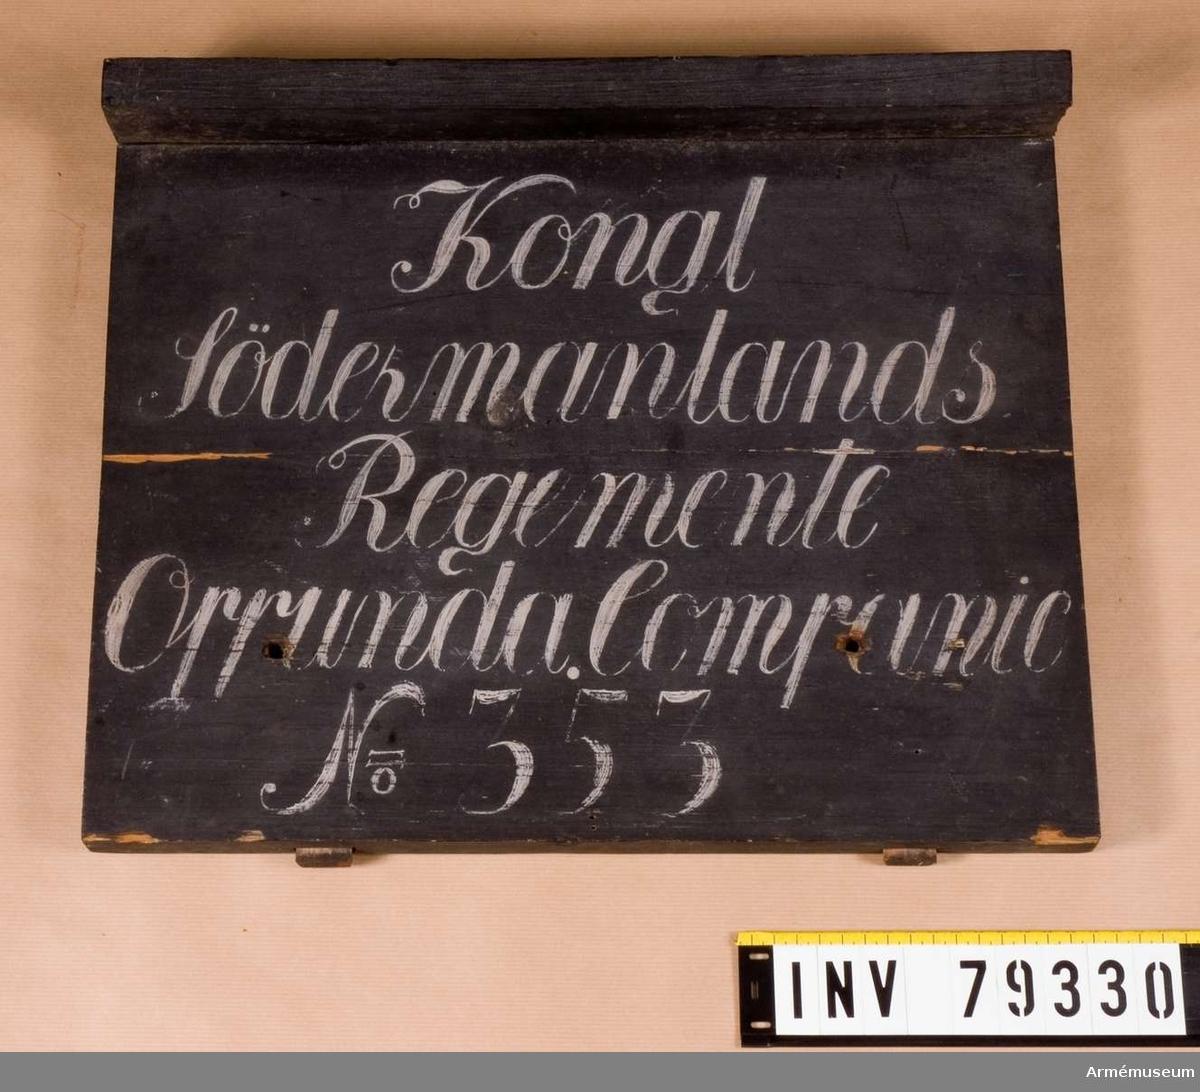 Grupp L. En svartmålad rektangulär trätavla med regnskydd. Vitmålade bokstäver:Kongl. Södermanlands Regemente Oppunda Companie No 353 ( på gamla etiletten står 355 likaledes i katalogen) på fem rader.